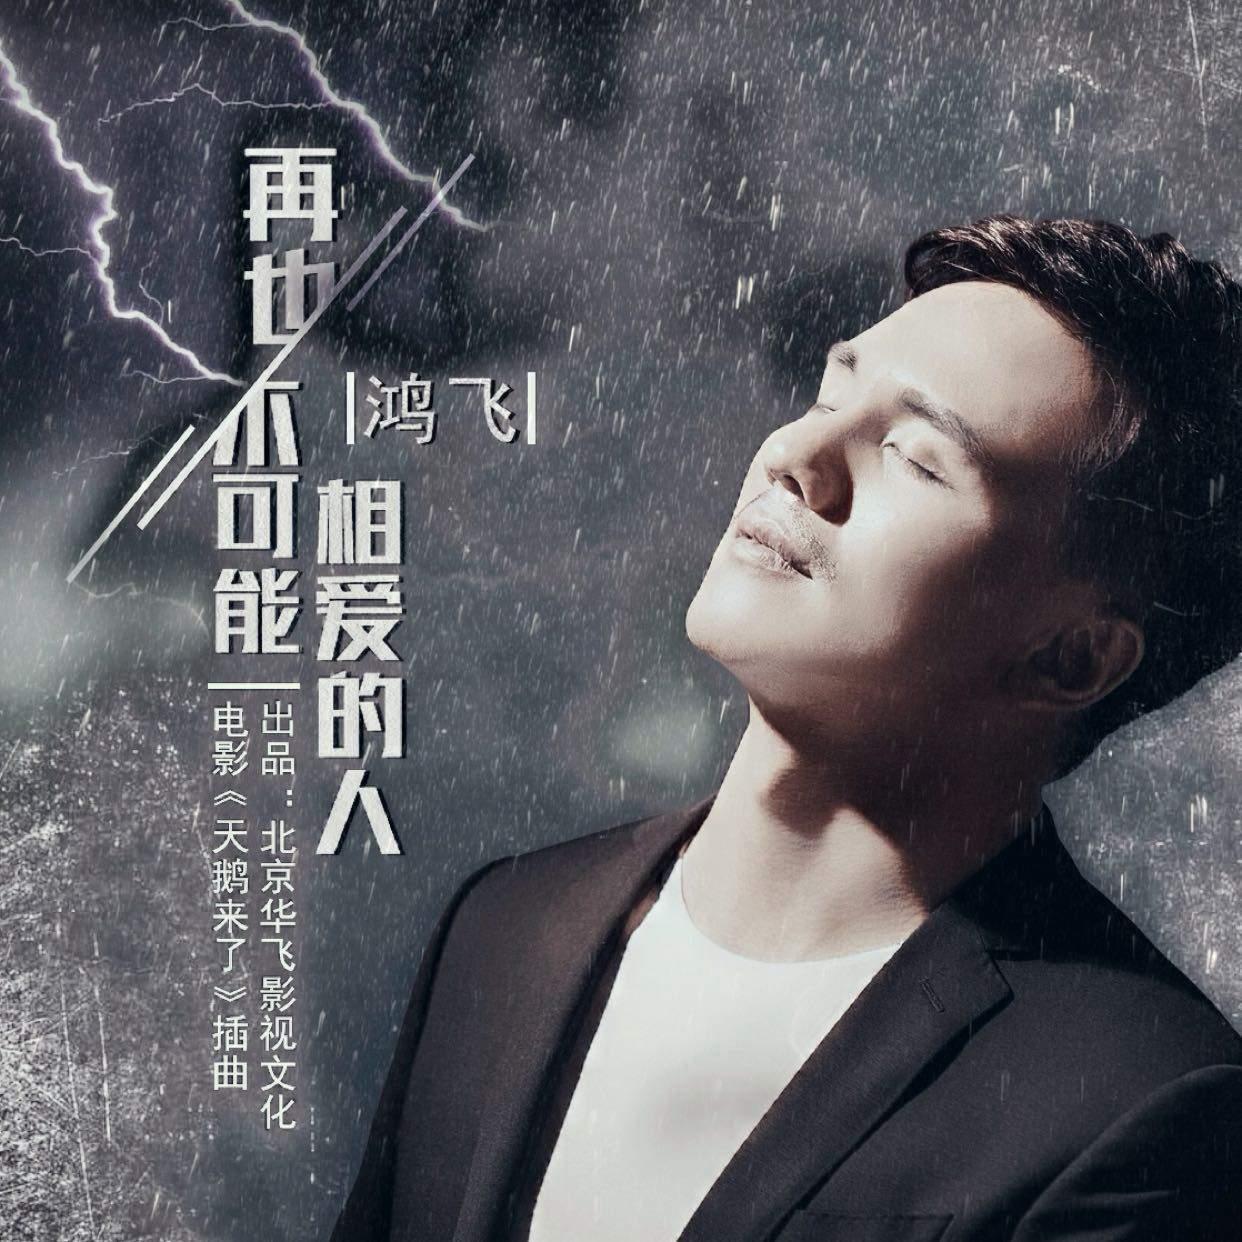 鸿飞演唱院线电影《天鹅来了》插曲.jpg